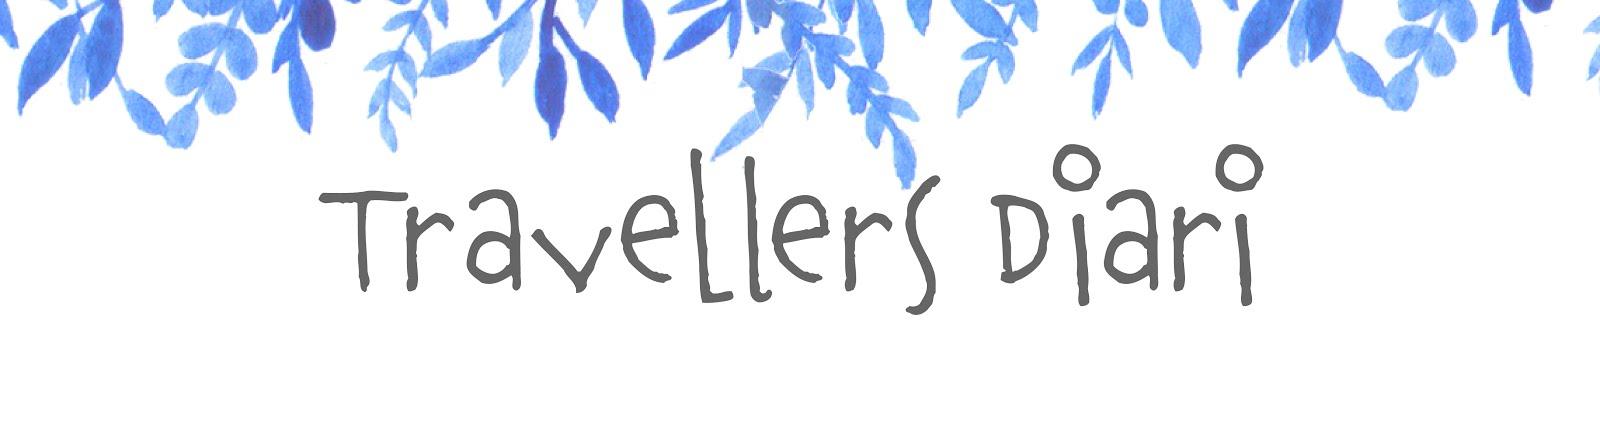 TravellersDiari